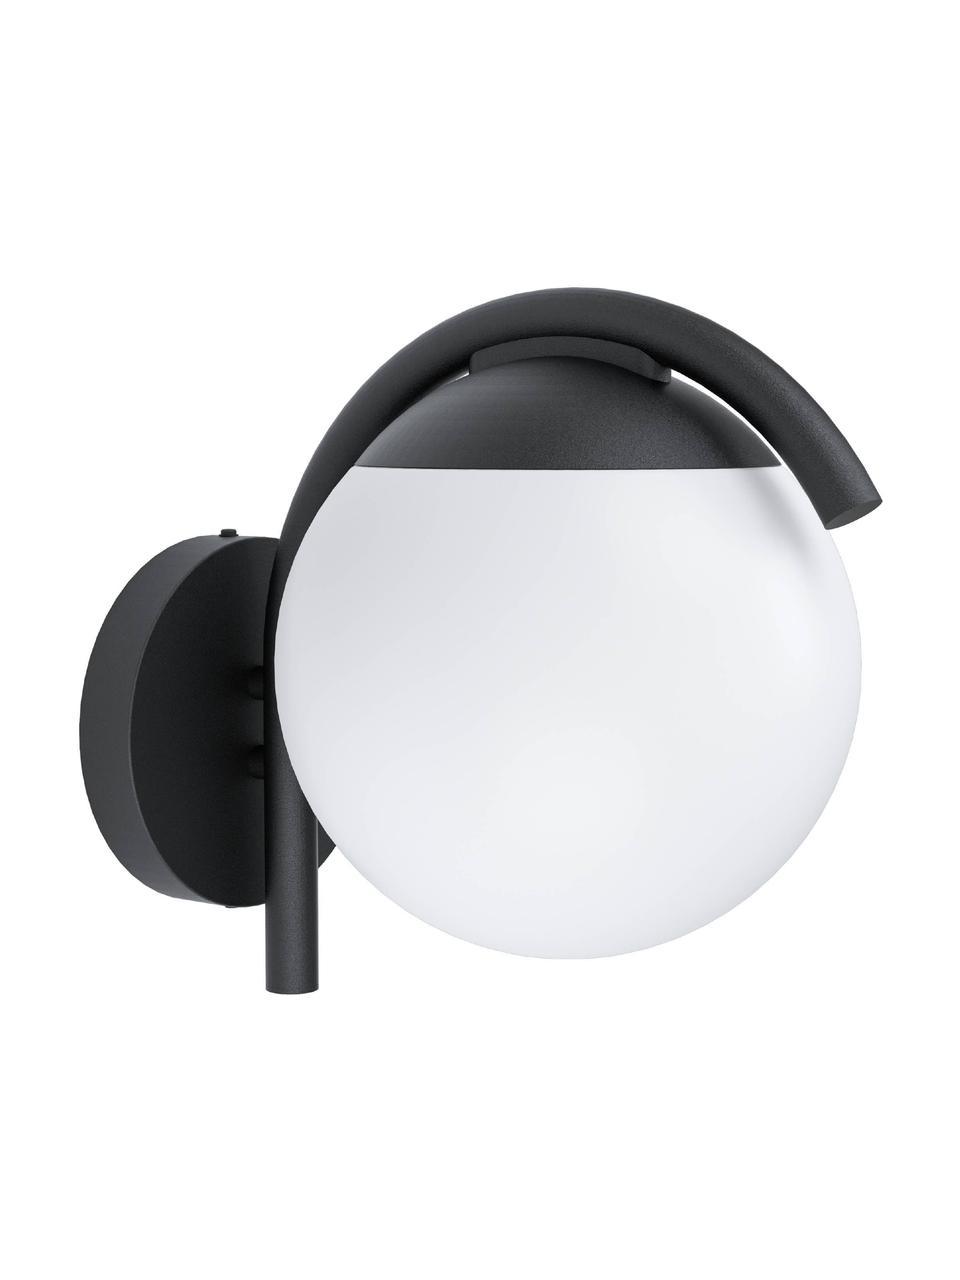 Zewnętrzny kinkiet Prata, Czarny, biały, S 20 x W 26 cm